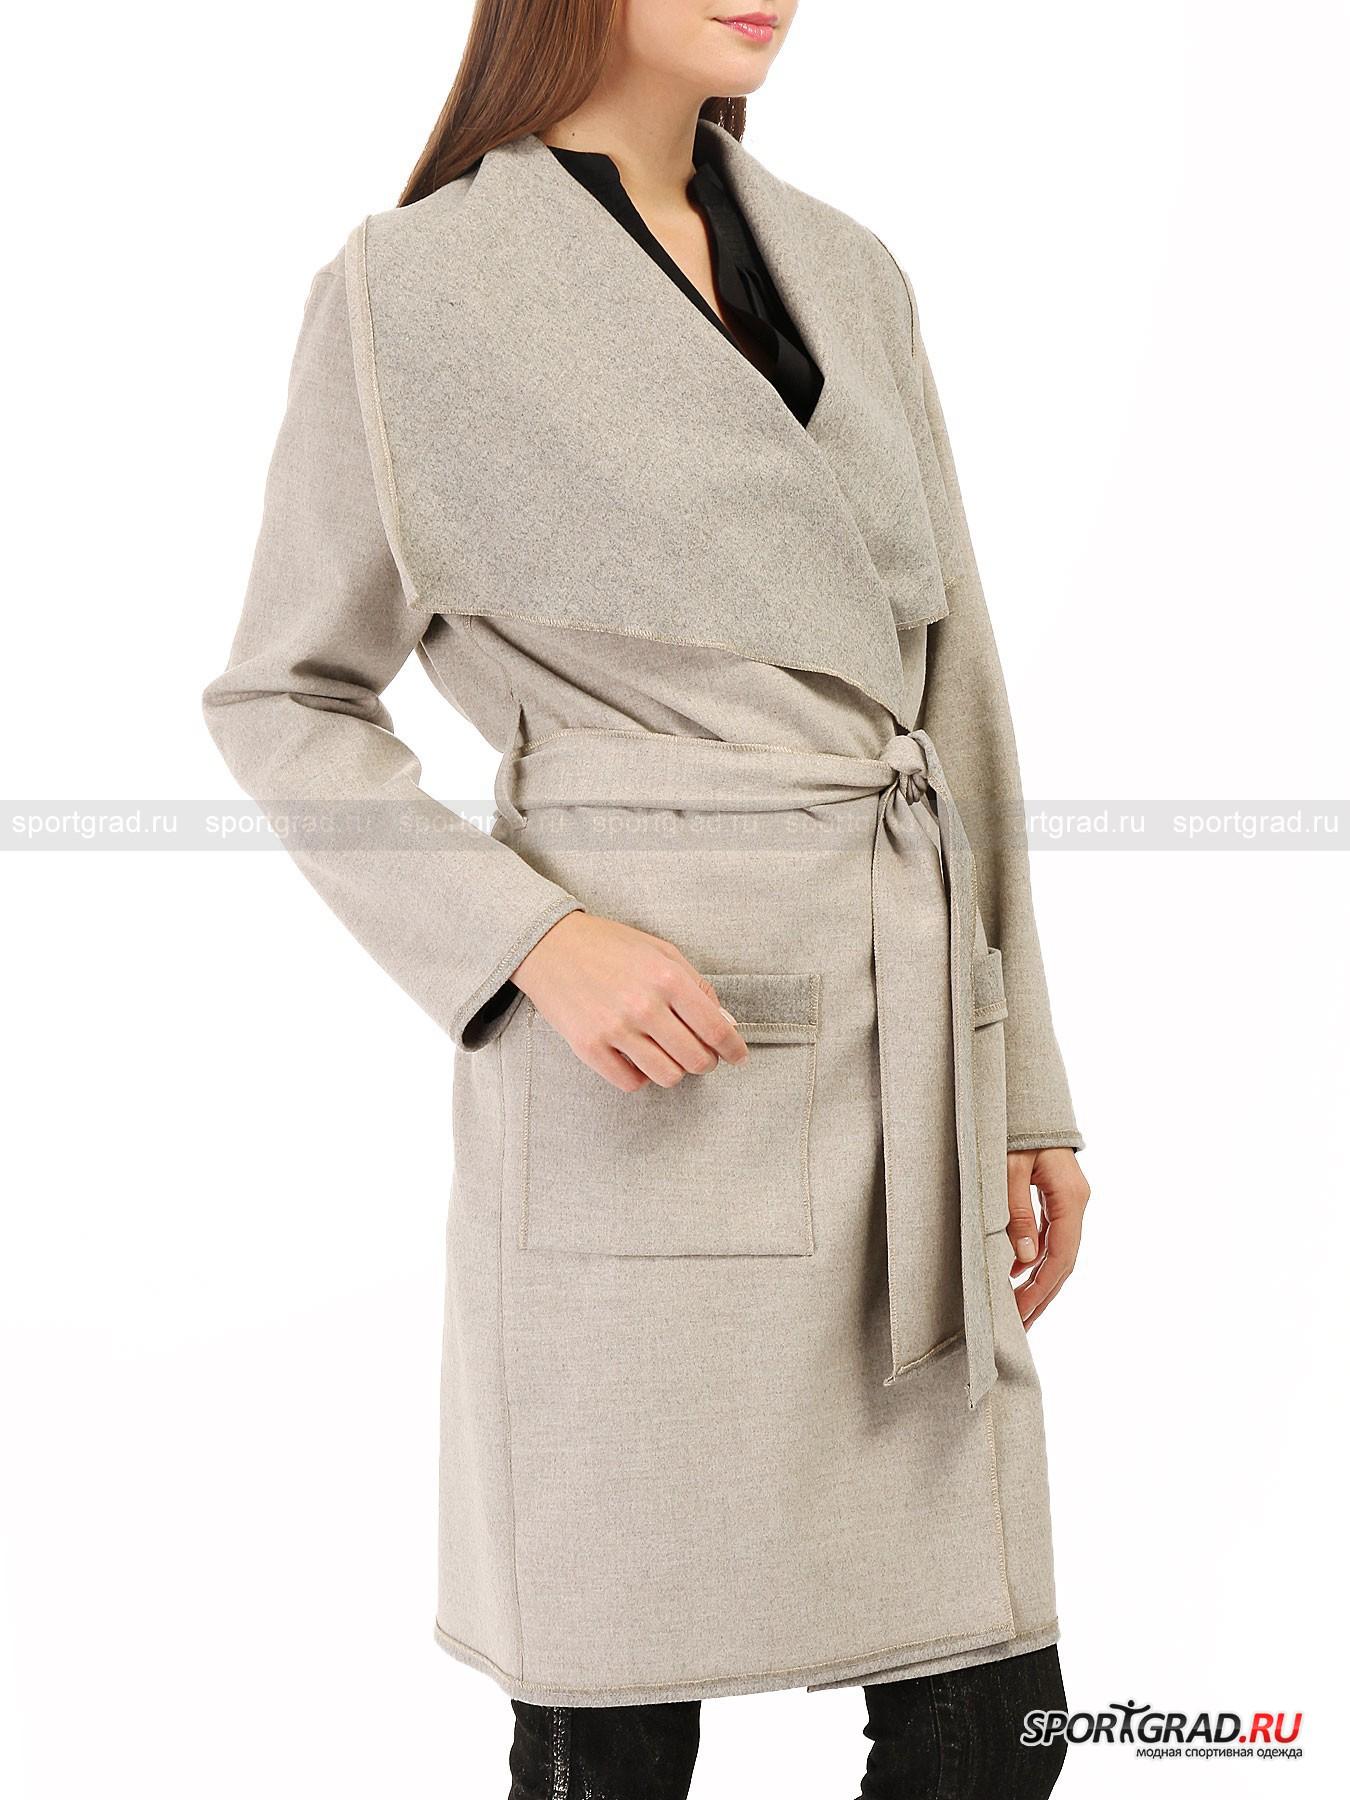 Пальто женское Lex SPORTALM от Спортград